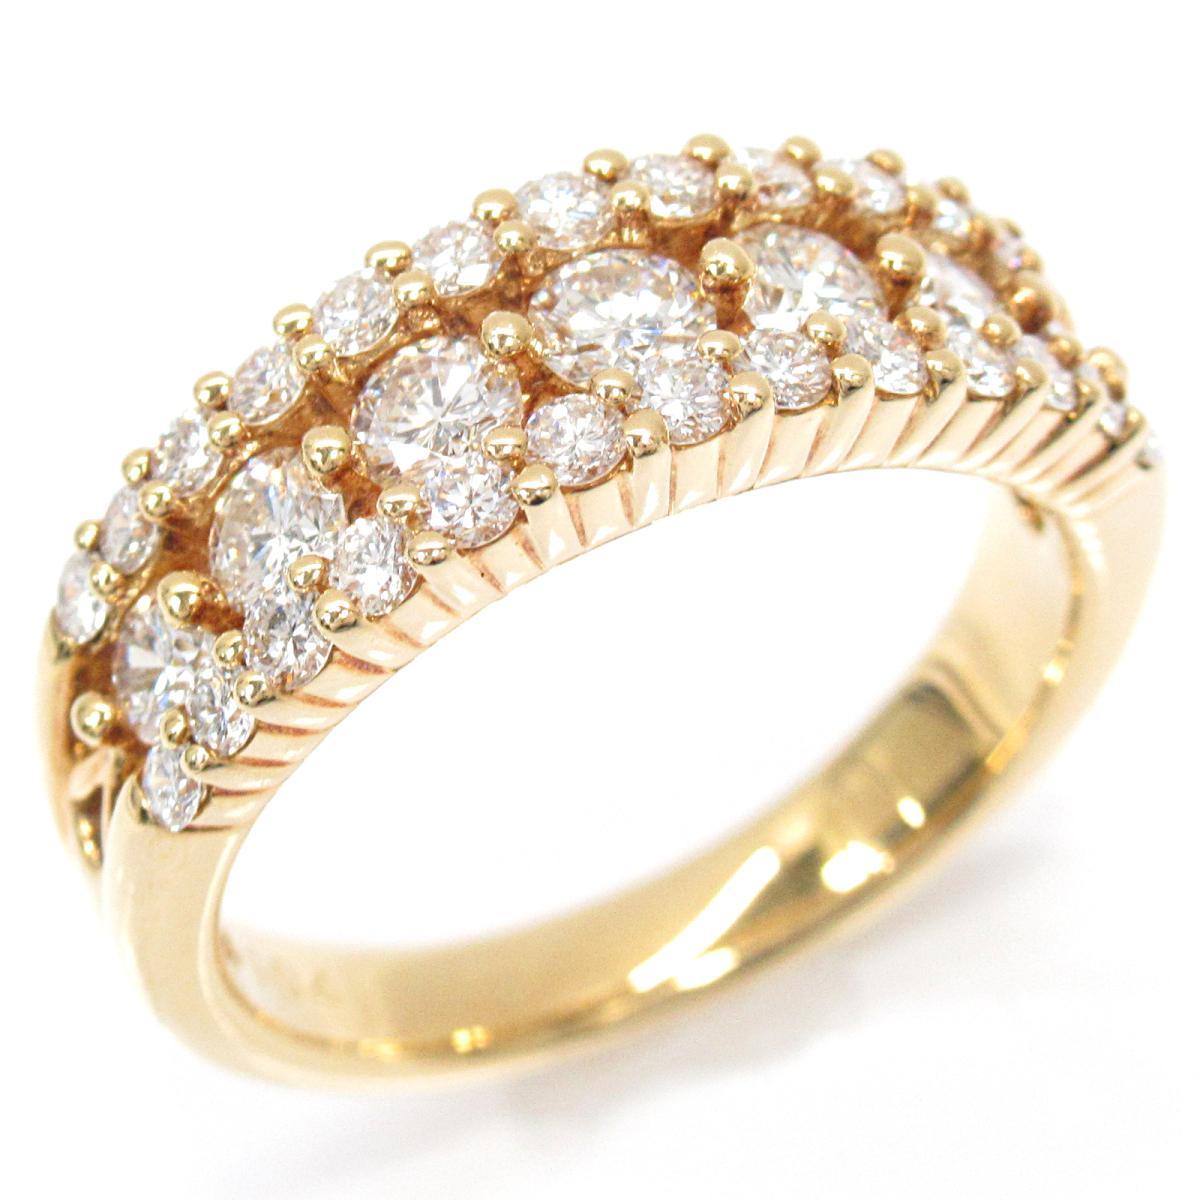 【中古】 ジュエリー ダイヤモンドリング 指輪 レディース K18YG (750) イエローゴールド x ダイヤモンド (1.04ct) | JEWELRY BRANDOFF ブランドオフ ブランド アクセサリー リング